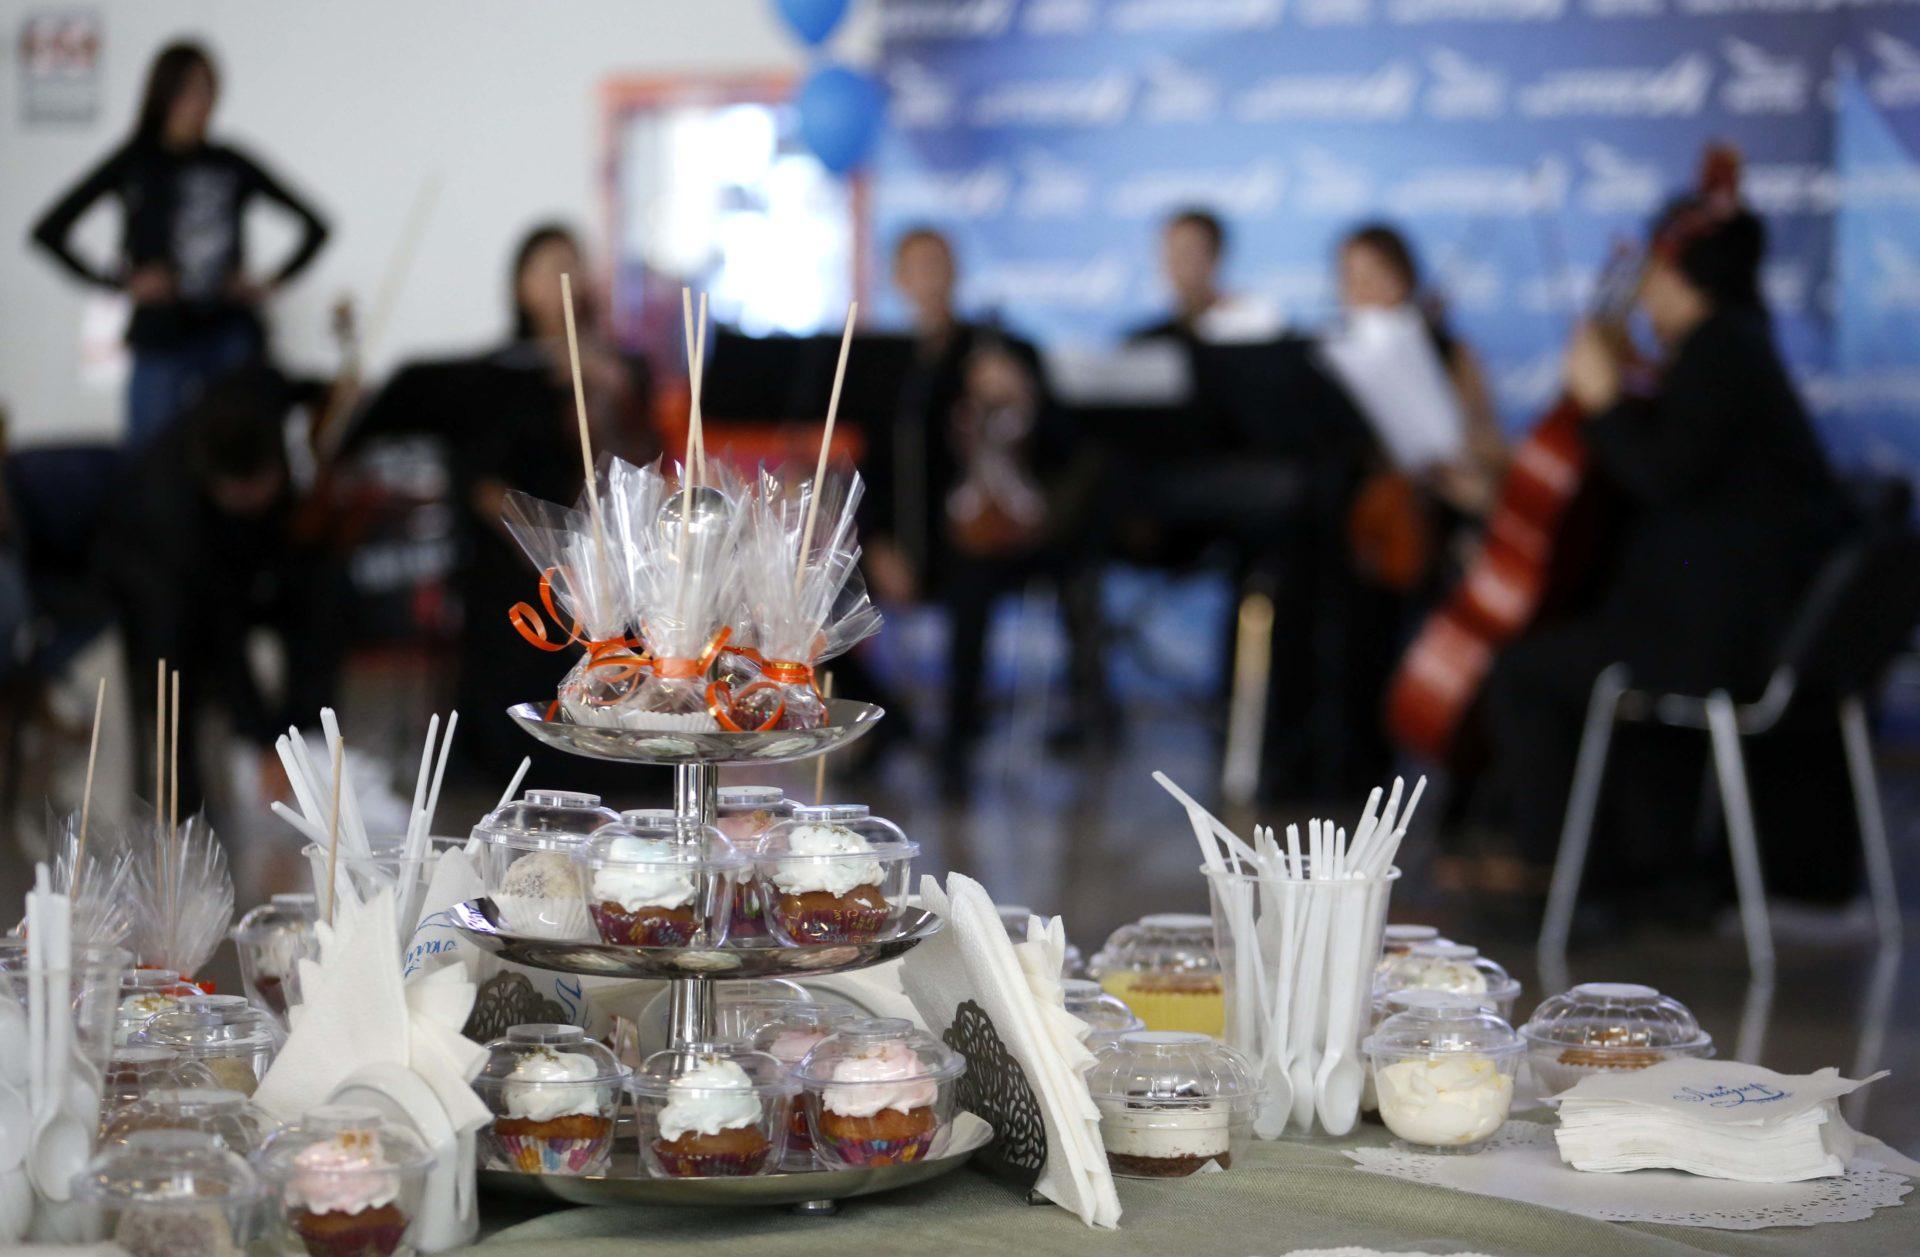 В честь юбилея аэропорта «Якутск» концерт классической музыки и сладкие угощения пассажирам